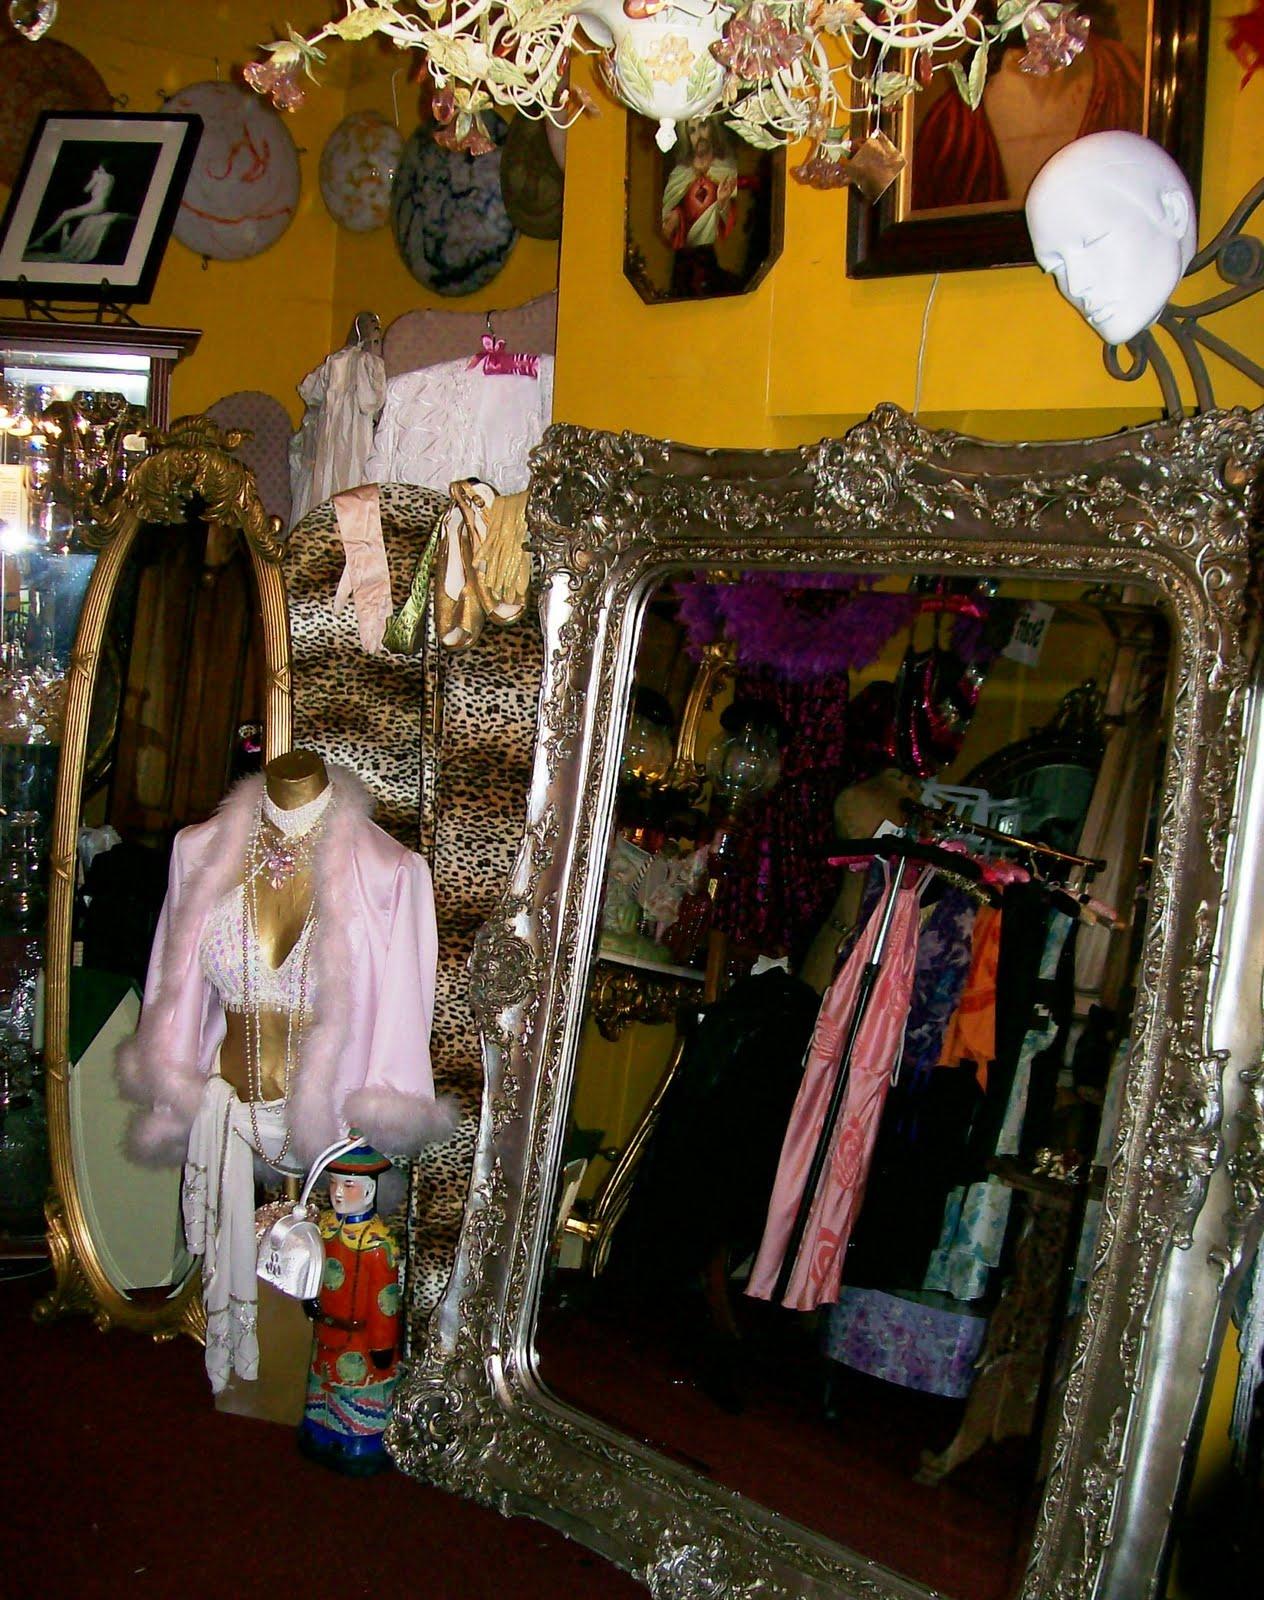 http://2.bp.blogspot.com/_Tkwxu6FBkDo/Swf5YRafBYI/AAAAAAAAADQ/FbEvOaGb4Is/s1600/mirrors+oct+09+513.JPG